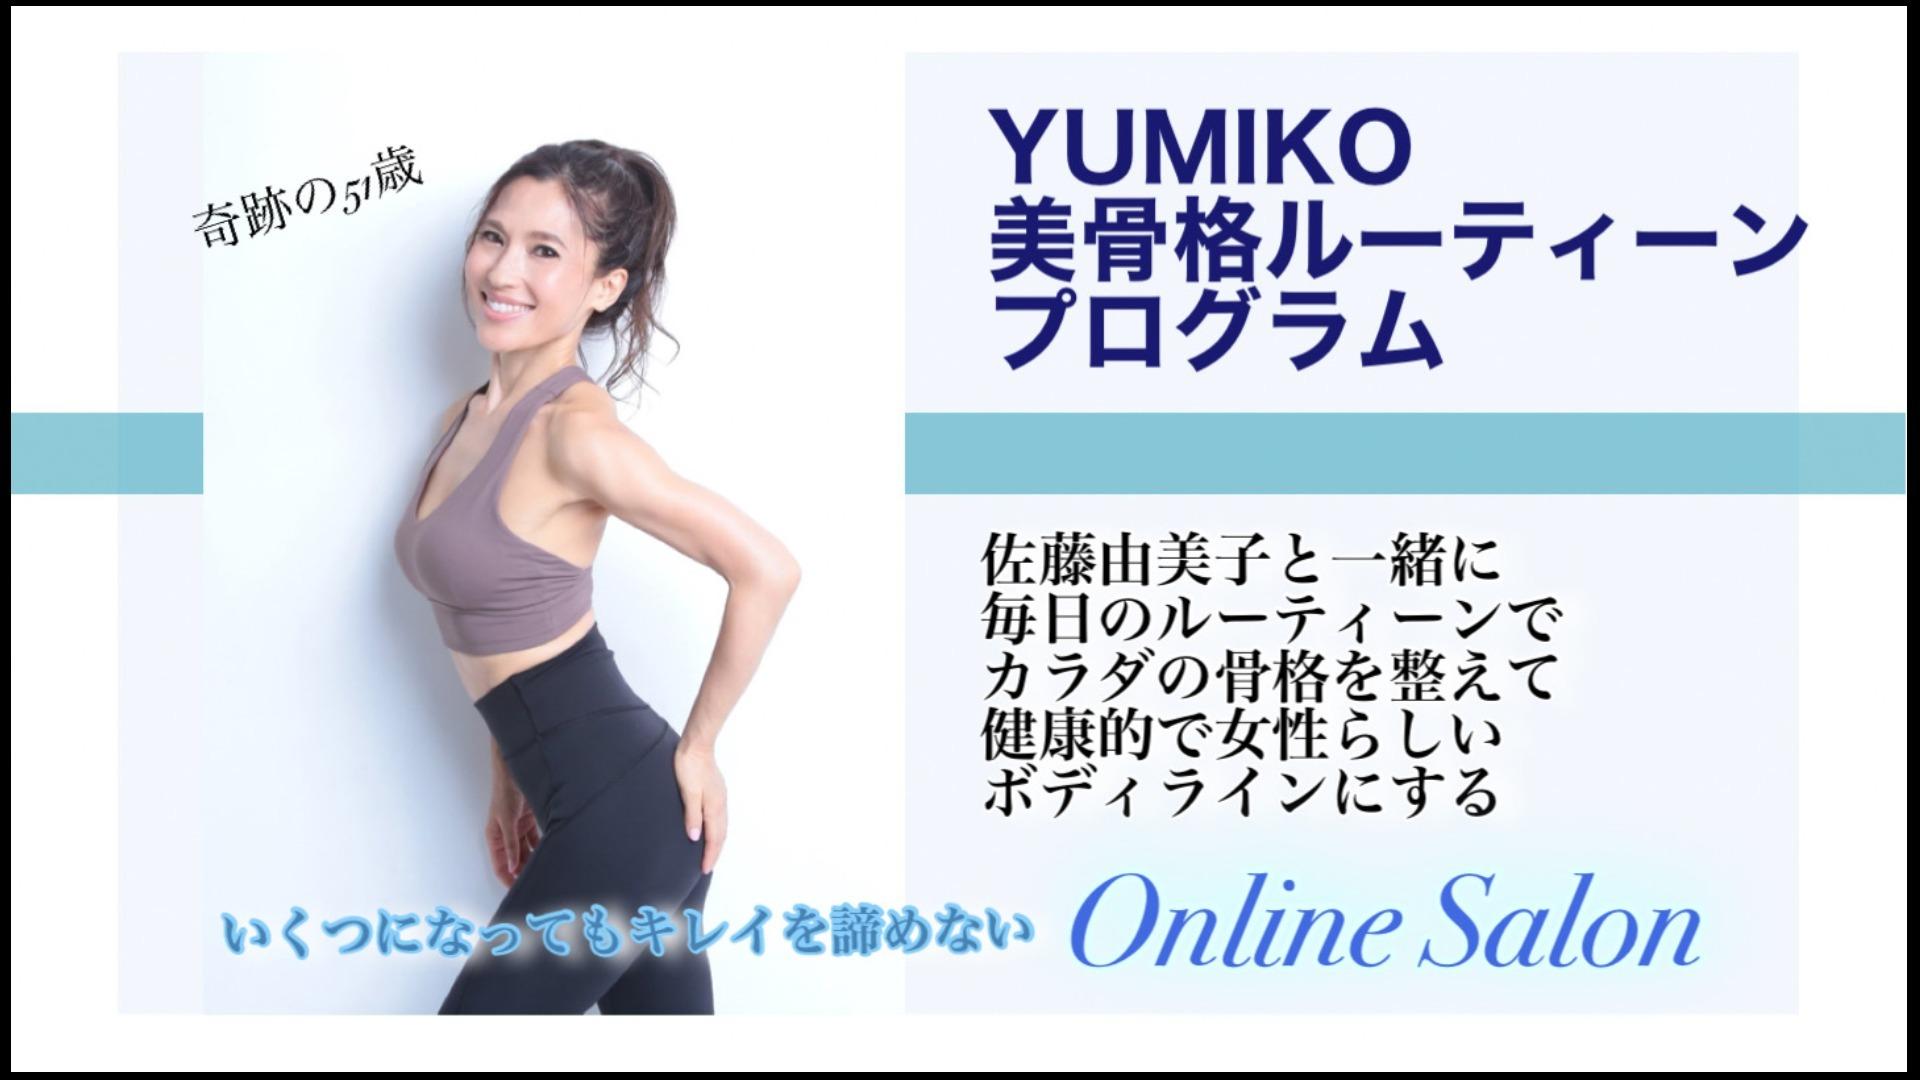 佐藤由美子 - YUMIKO美骨格ルーティーンプログラム - DMM オンラインサロン